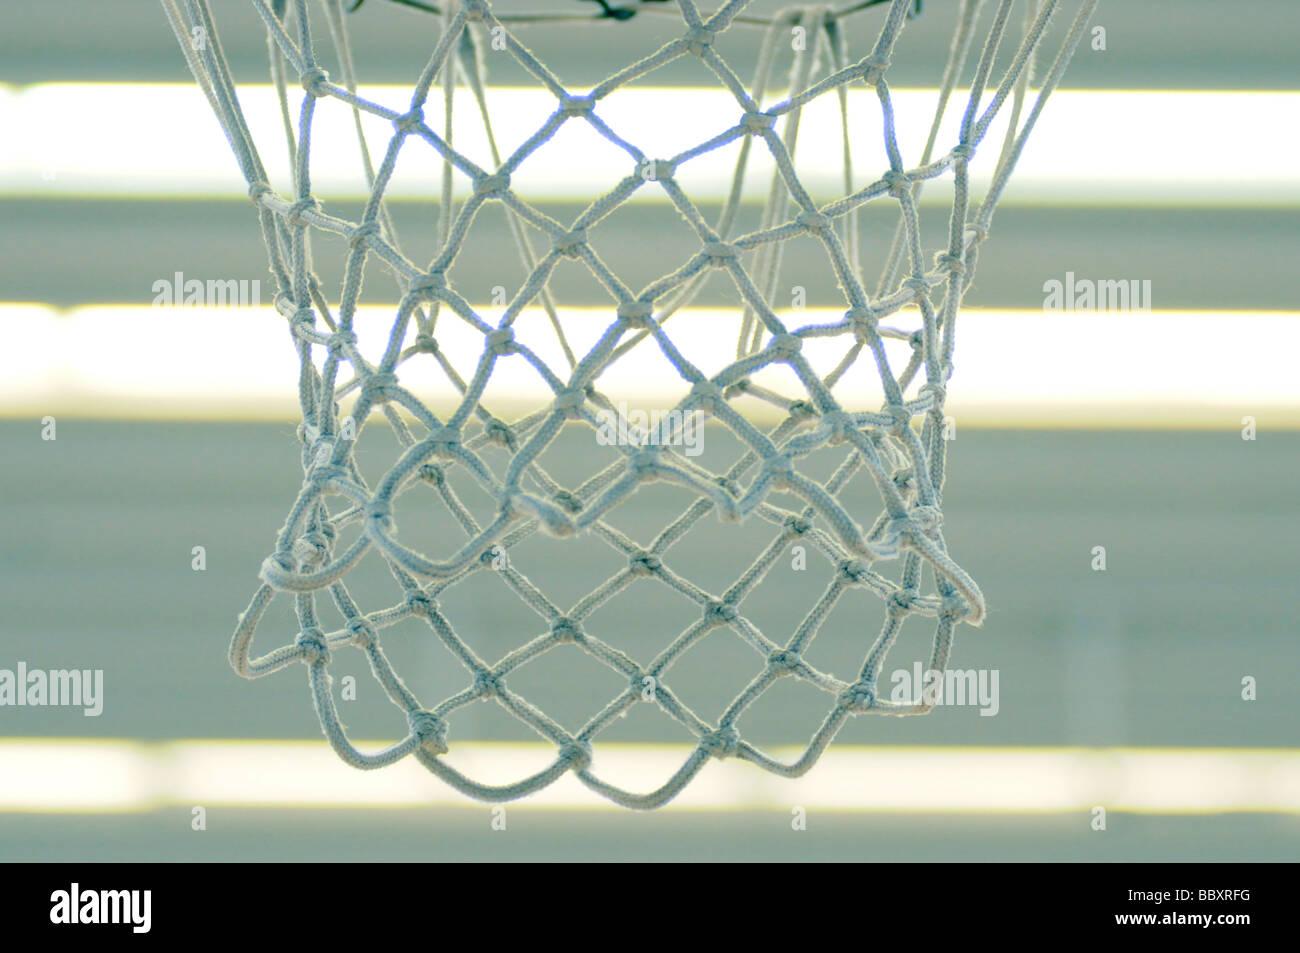 Fotografías royalty free de baloncesto baloncesto net colgados en la sala de deportes. Londres, Gran Bretaña. Imagen De Stock